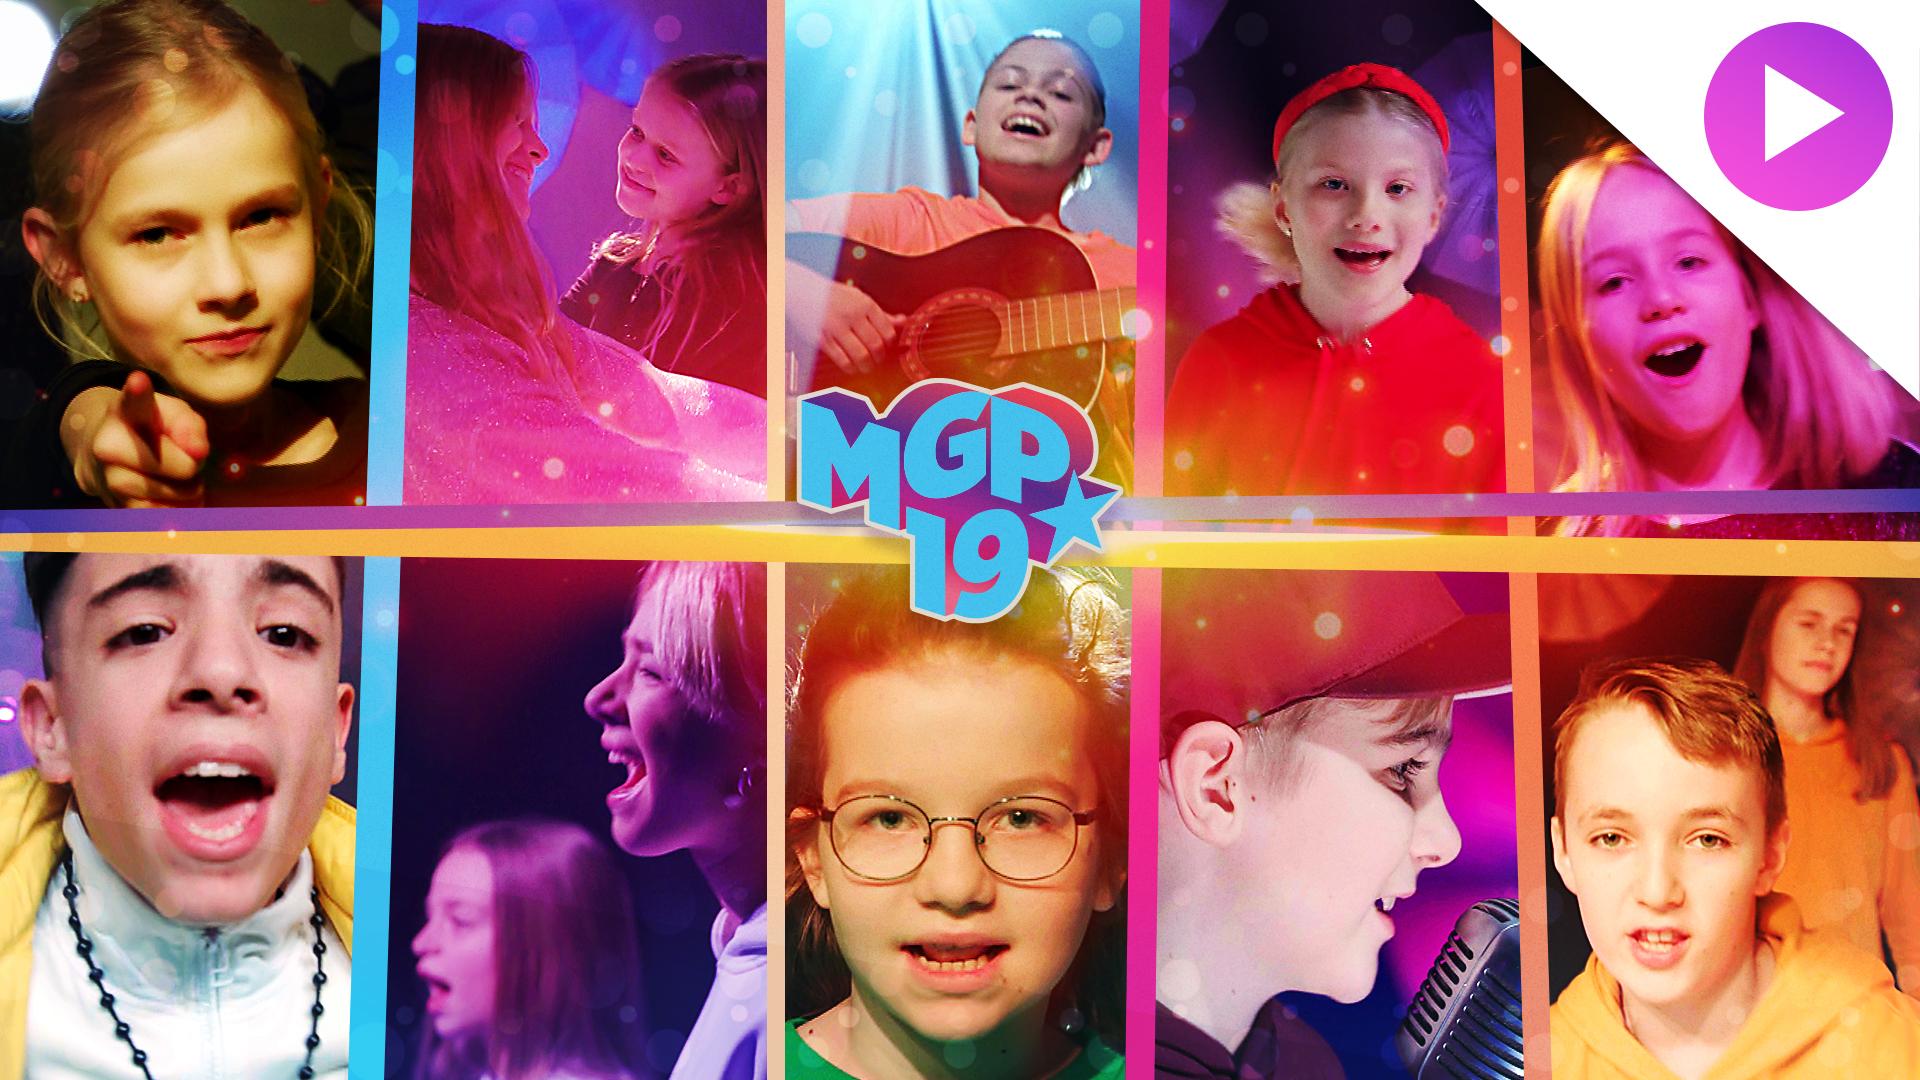 musikvideo_mashup_mgp_2019_drupal.jpg